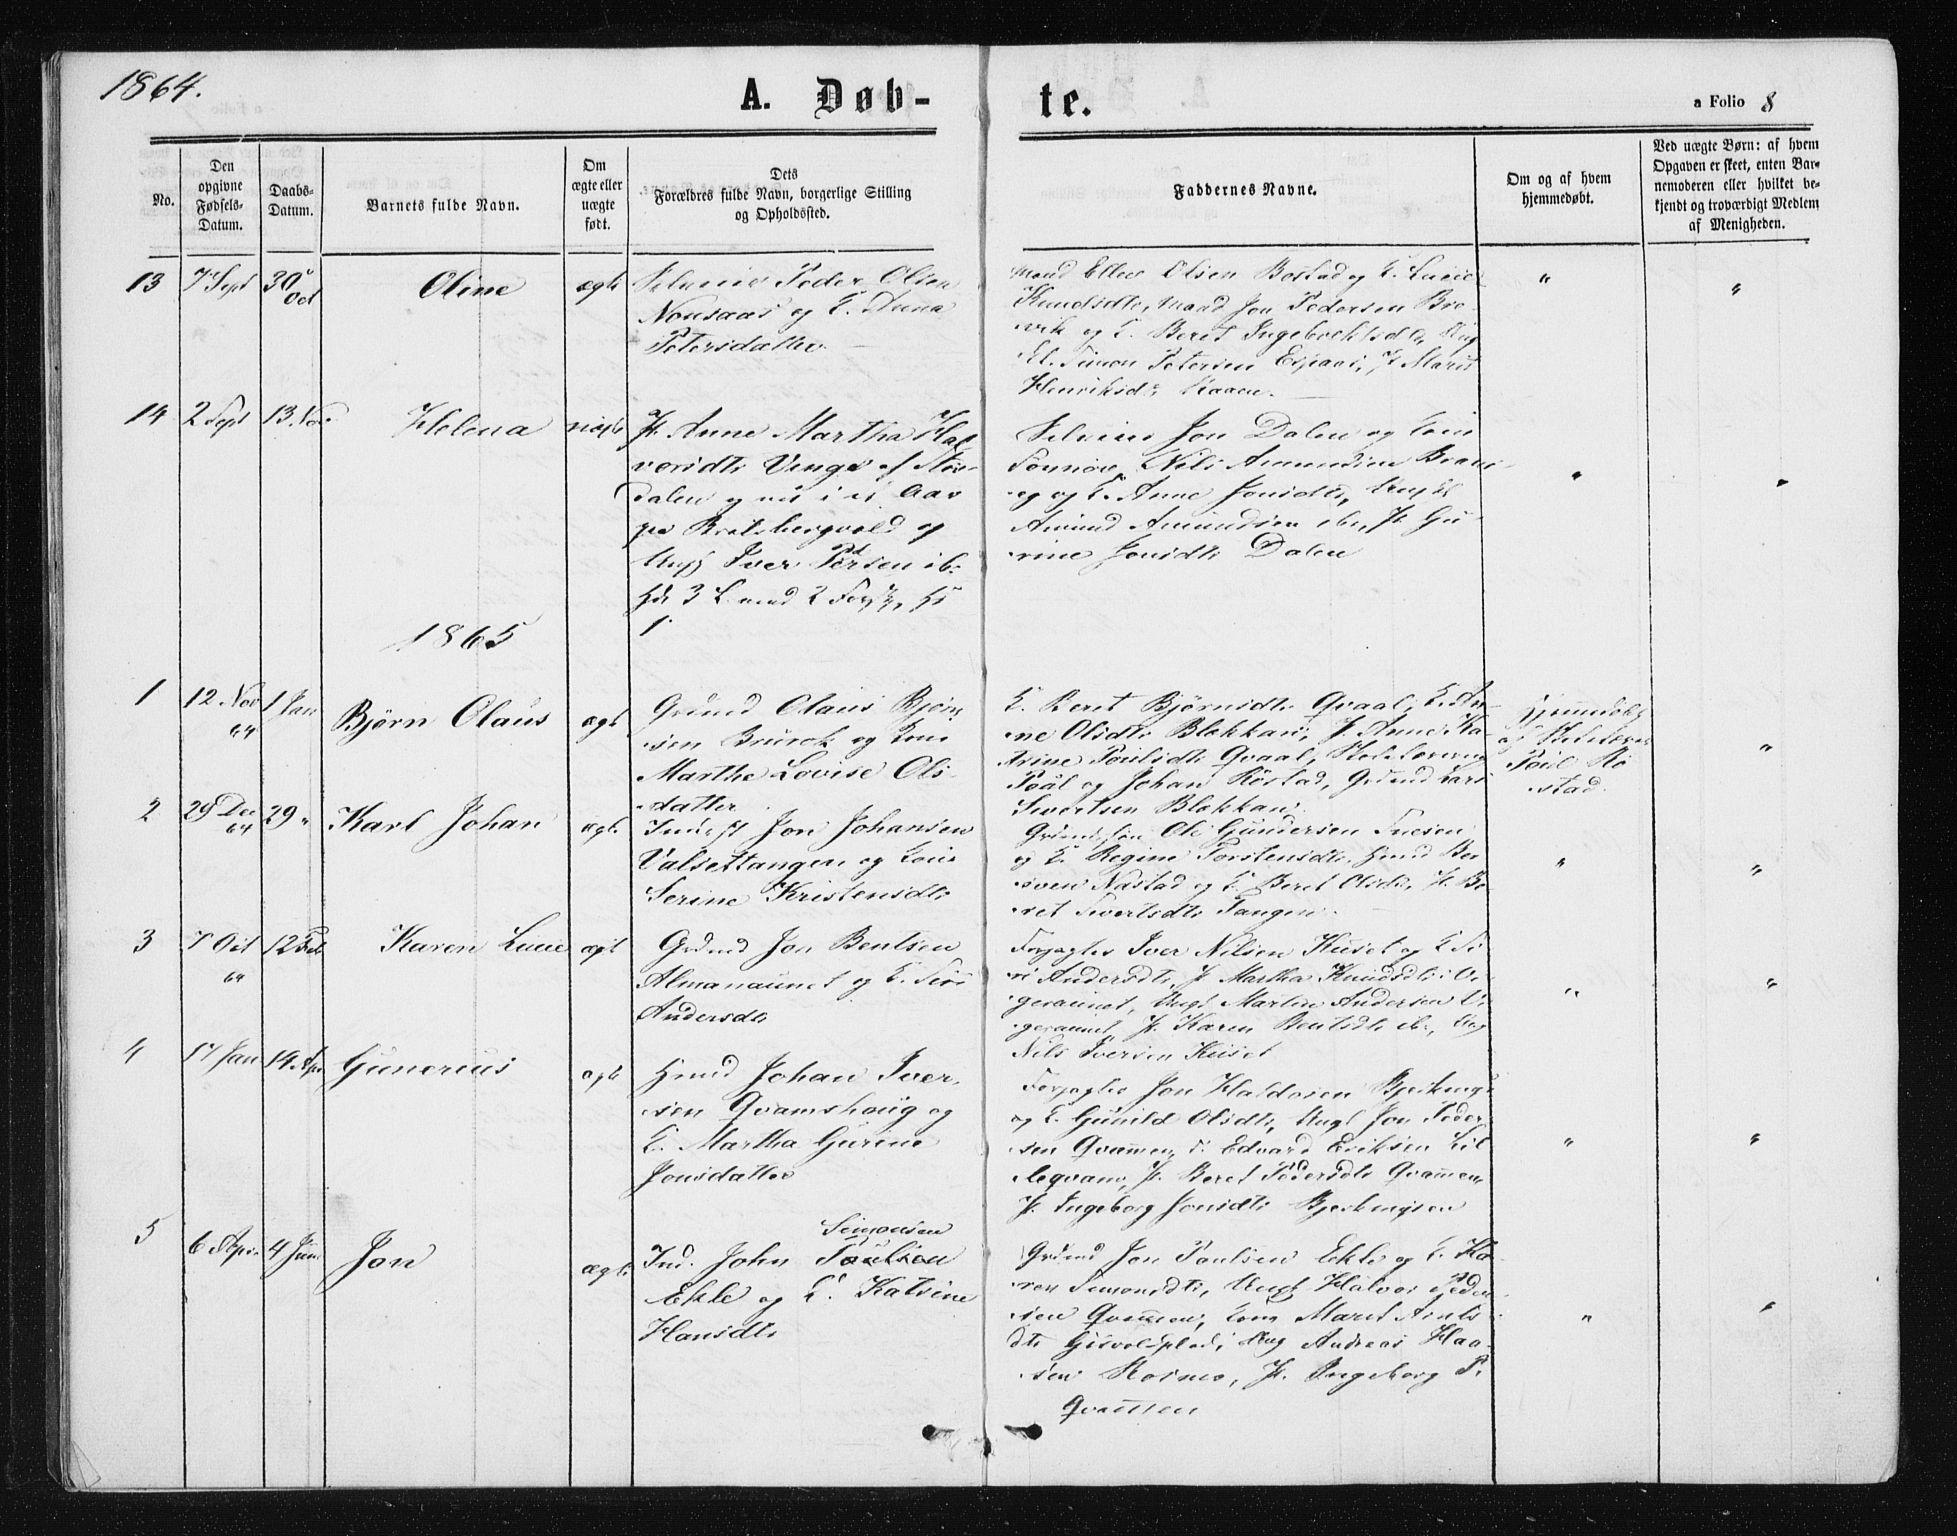 SAT, Ministerialprotokoller, klokkerbøker og fødselsregistre - Sør-Trøndelag, 608/L0333: Ministerialbok nr. 608A02, 1862-1876, s. 8